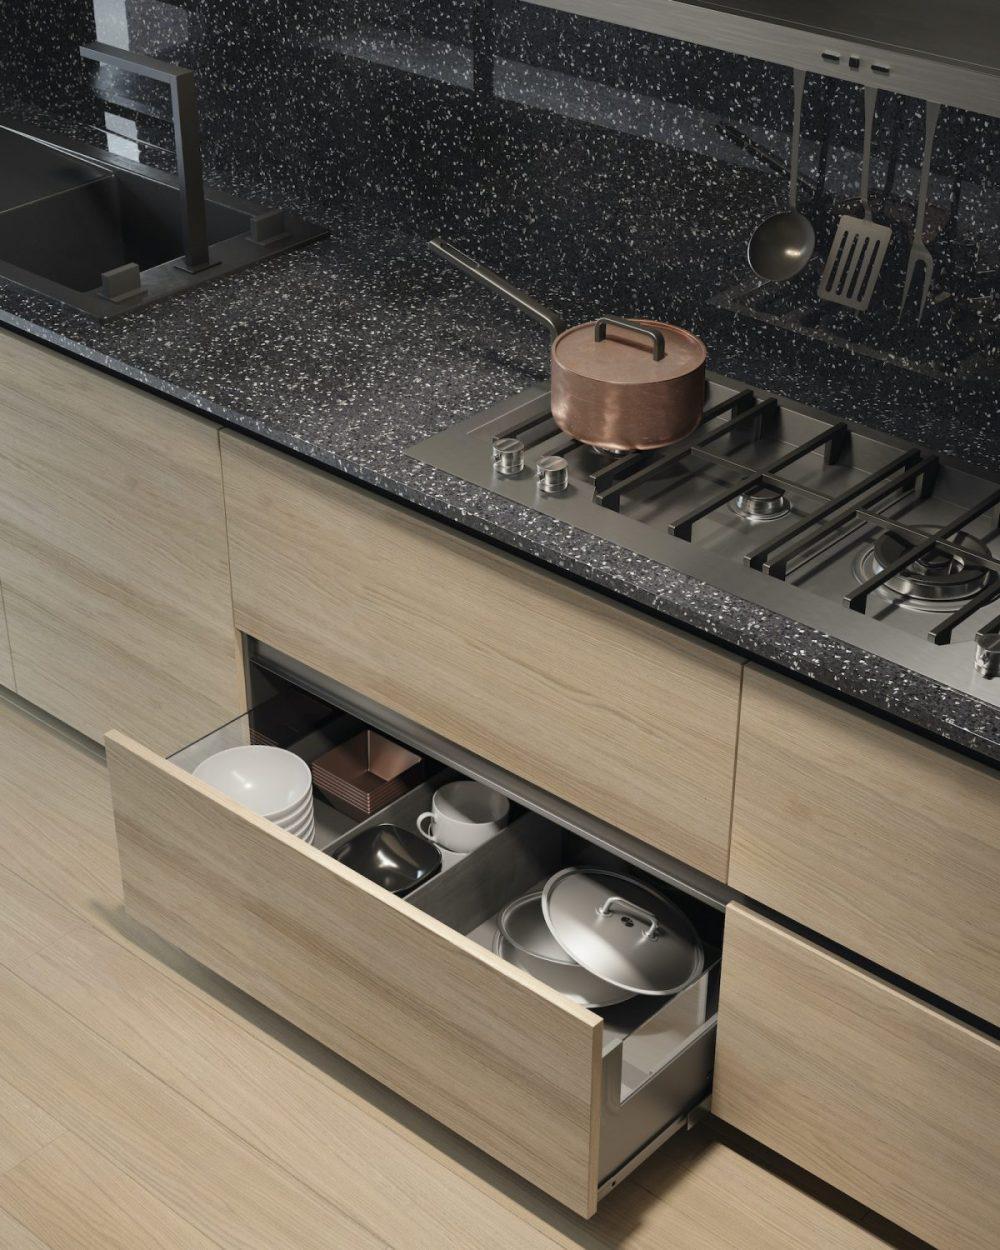 Mobili contenitori in legno Garofoli per un ambiente cucina moderno - Garofoli